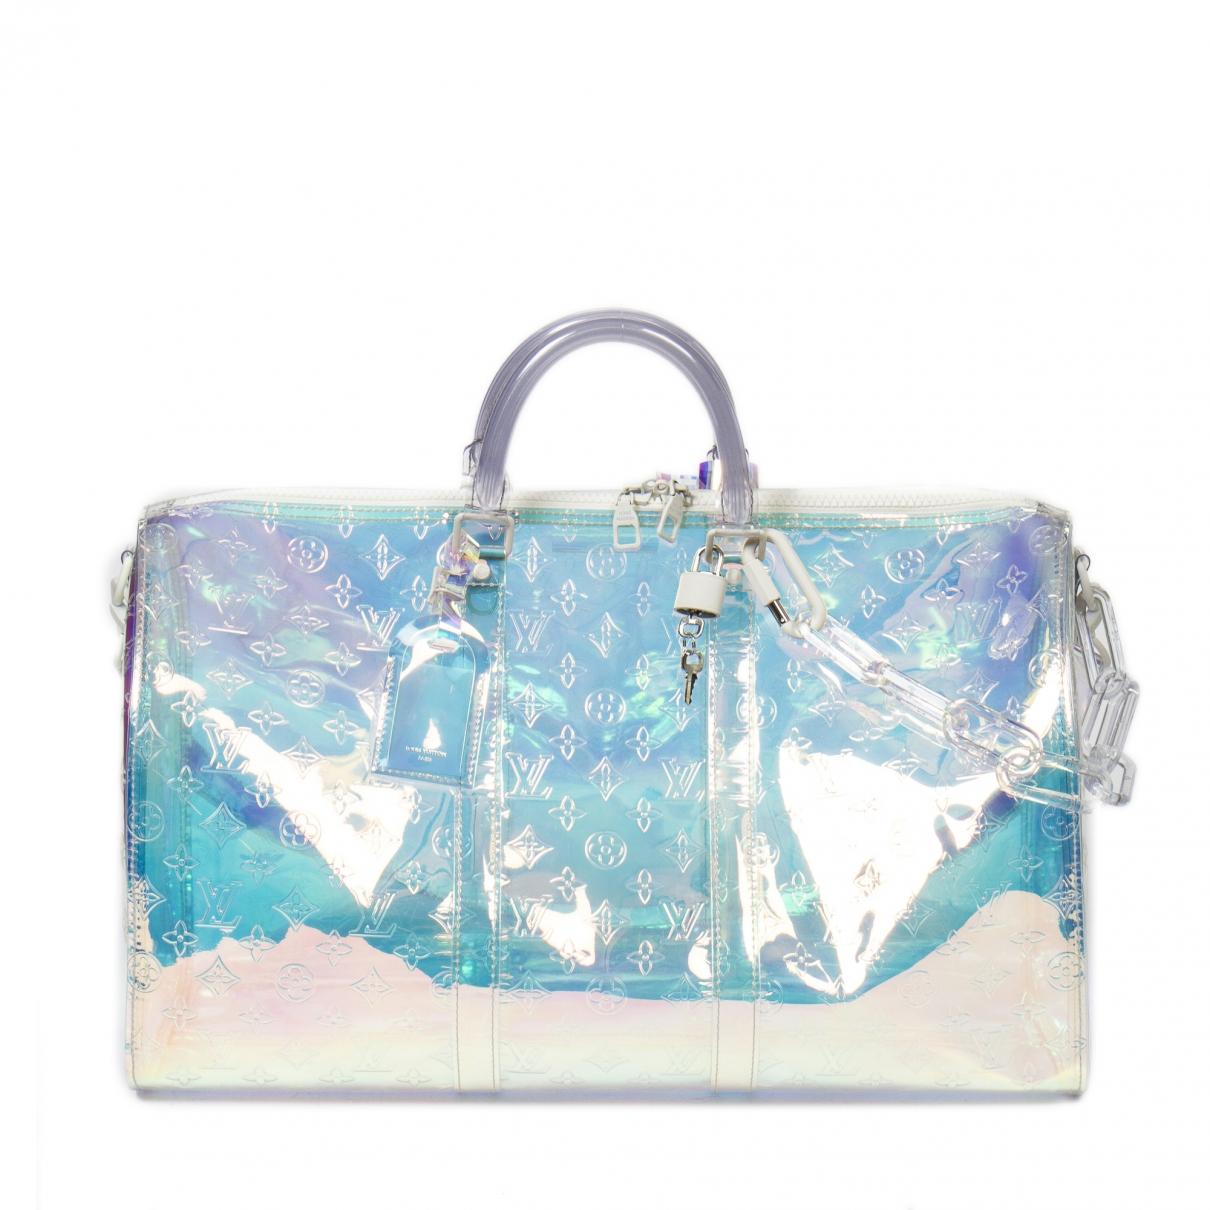 Louis Vuitton Keepall Reisetasche in Leinen